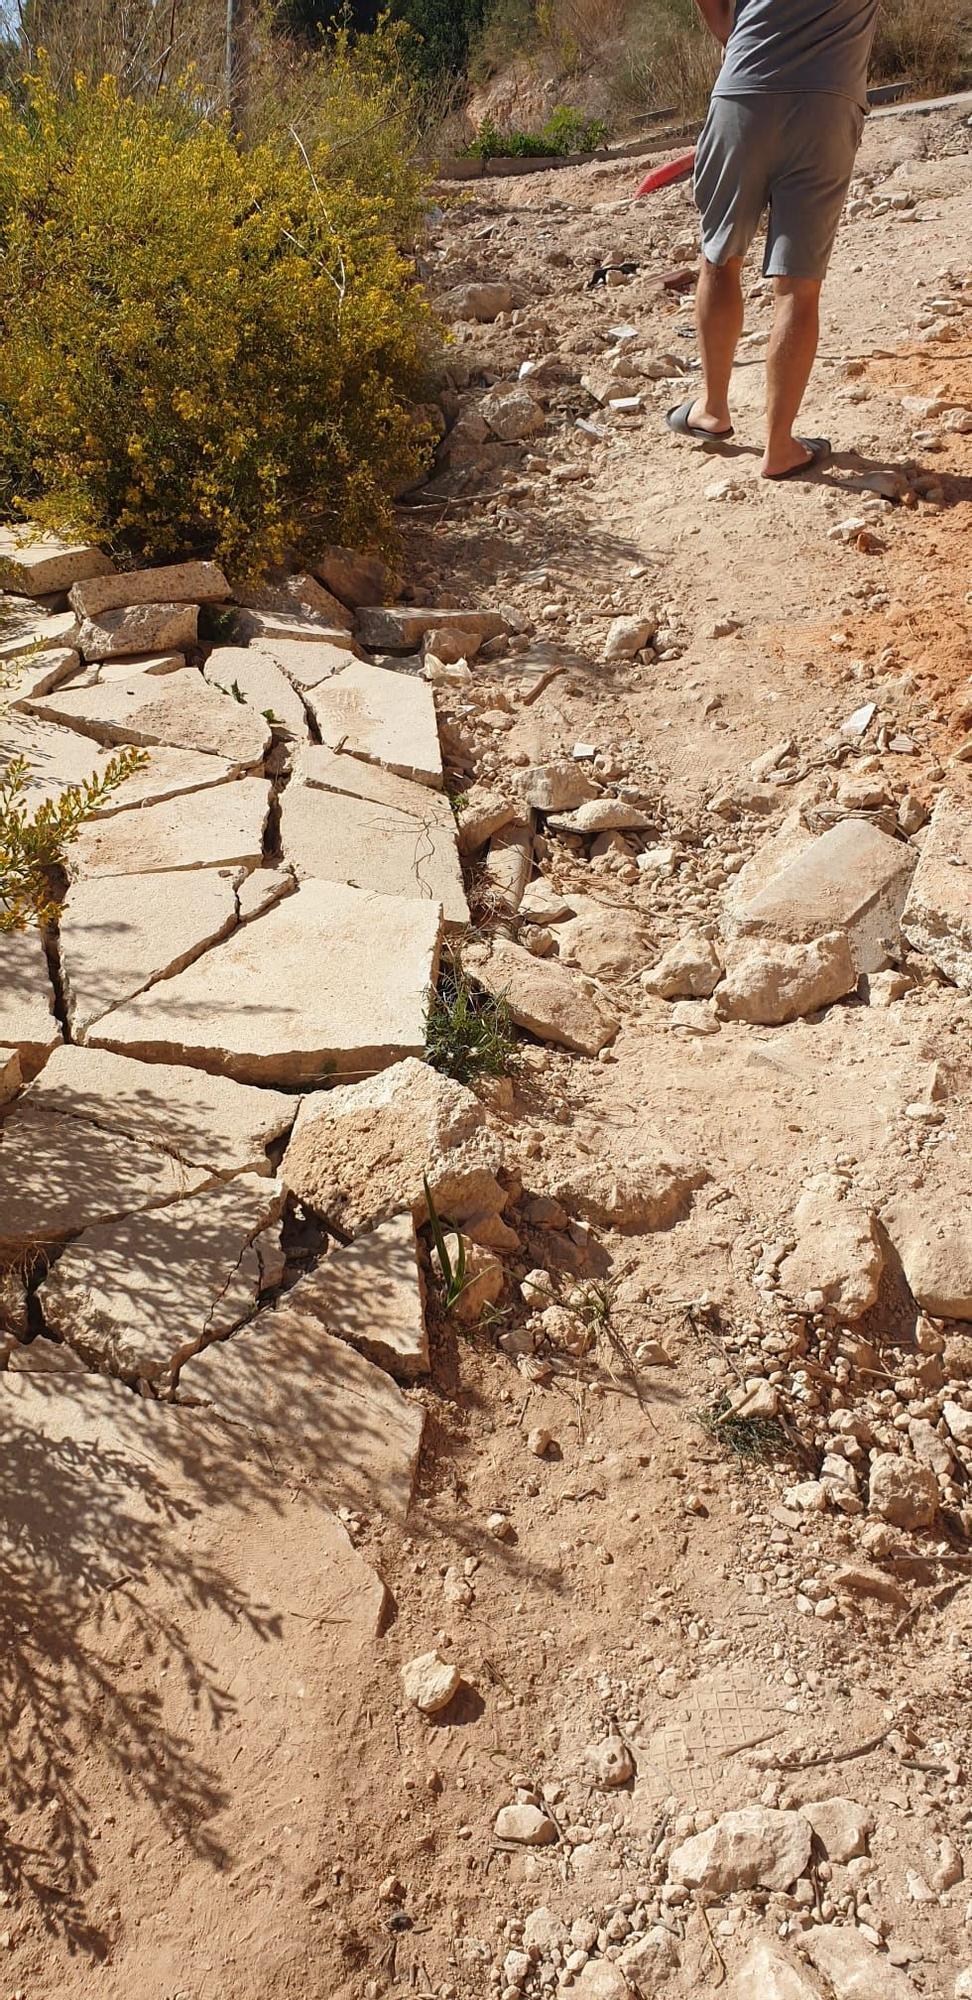 51 Montezenia pavimento Limonero.jpeg